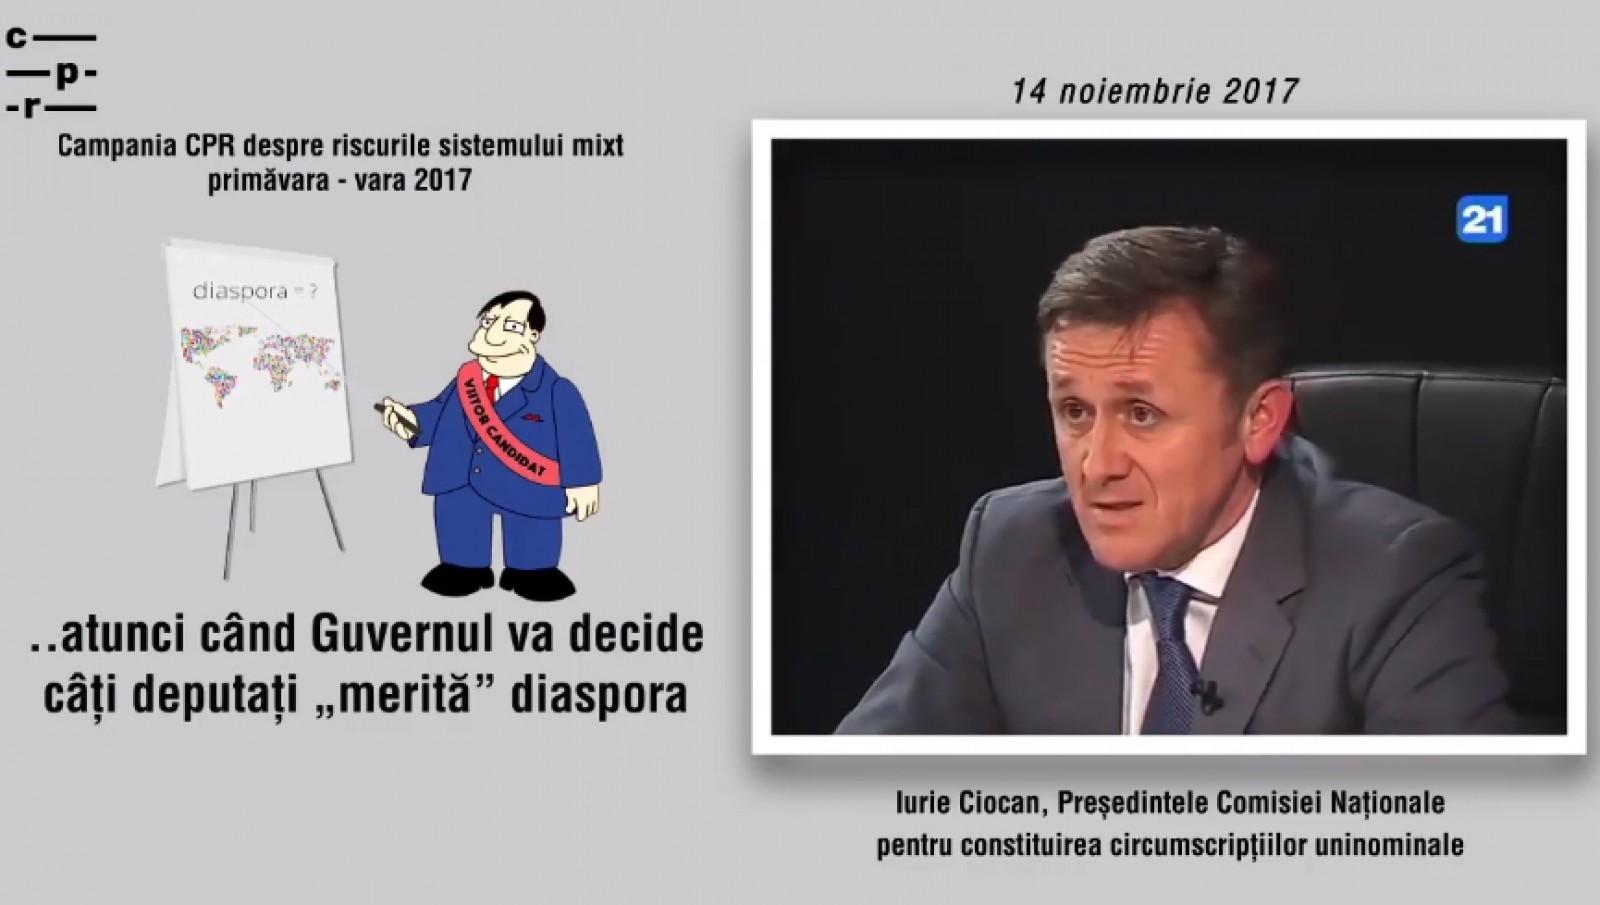 (video) CPR Moldova: Efectele negative ale noului sistem electoral recunoscute de autorități